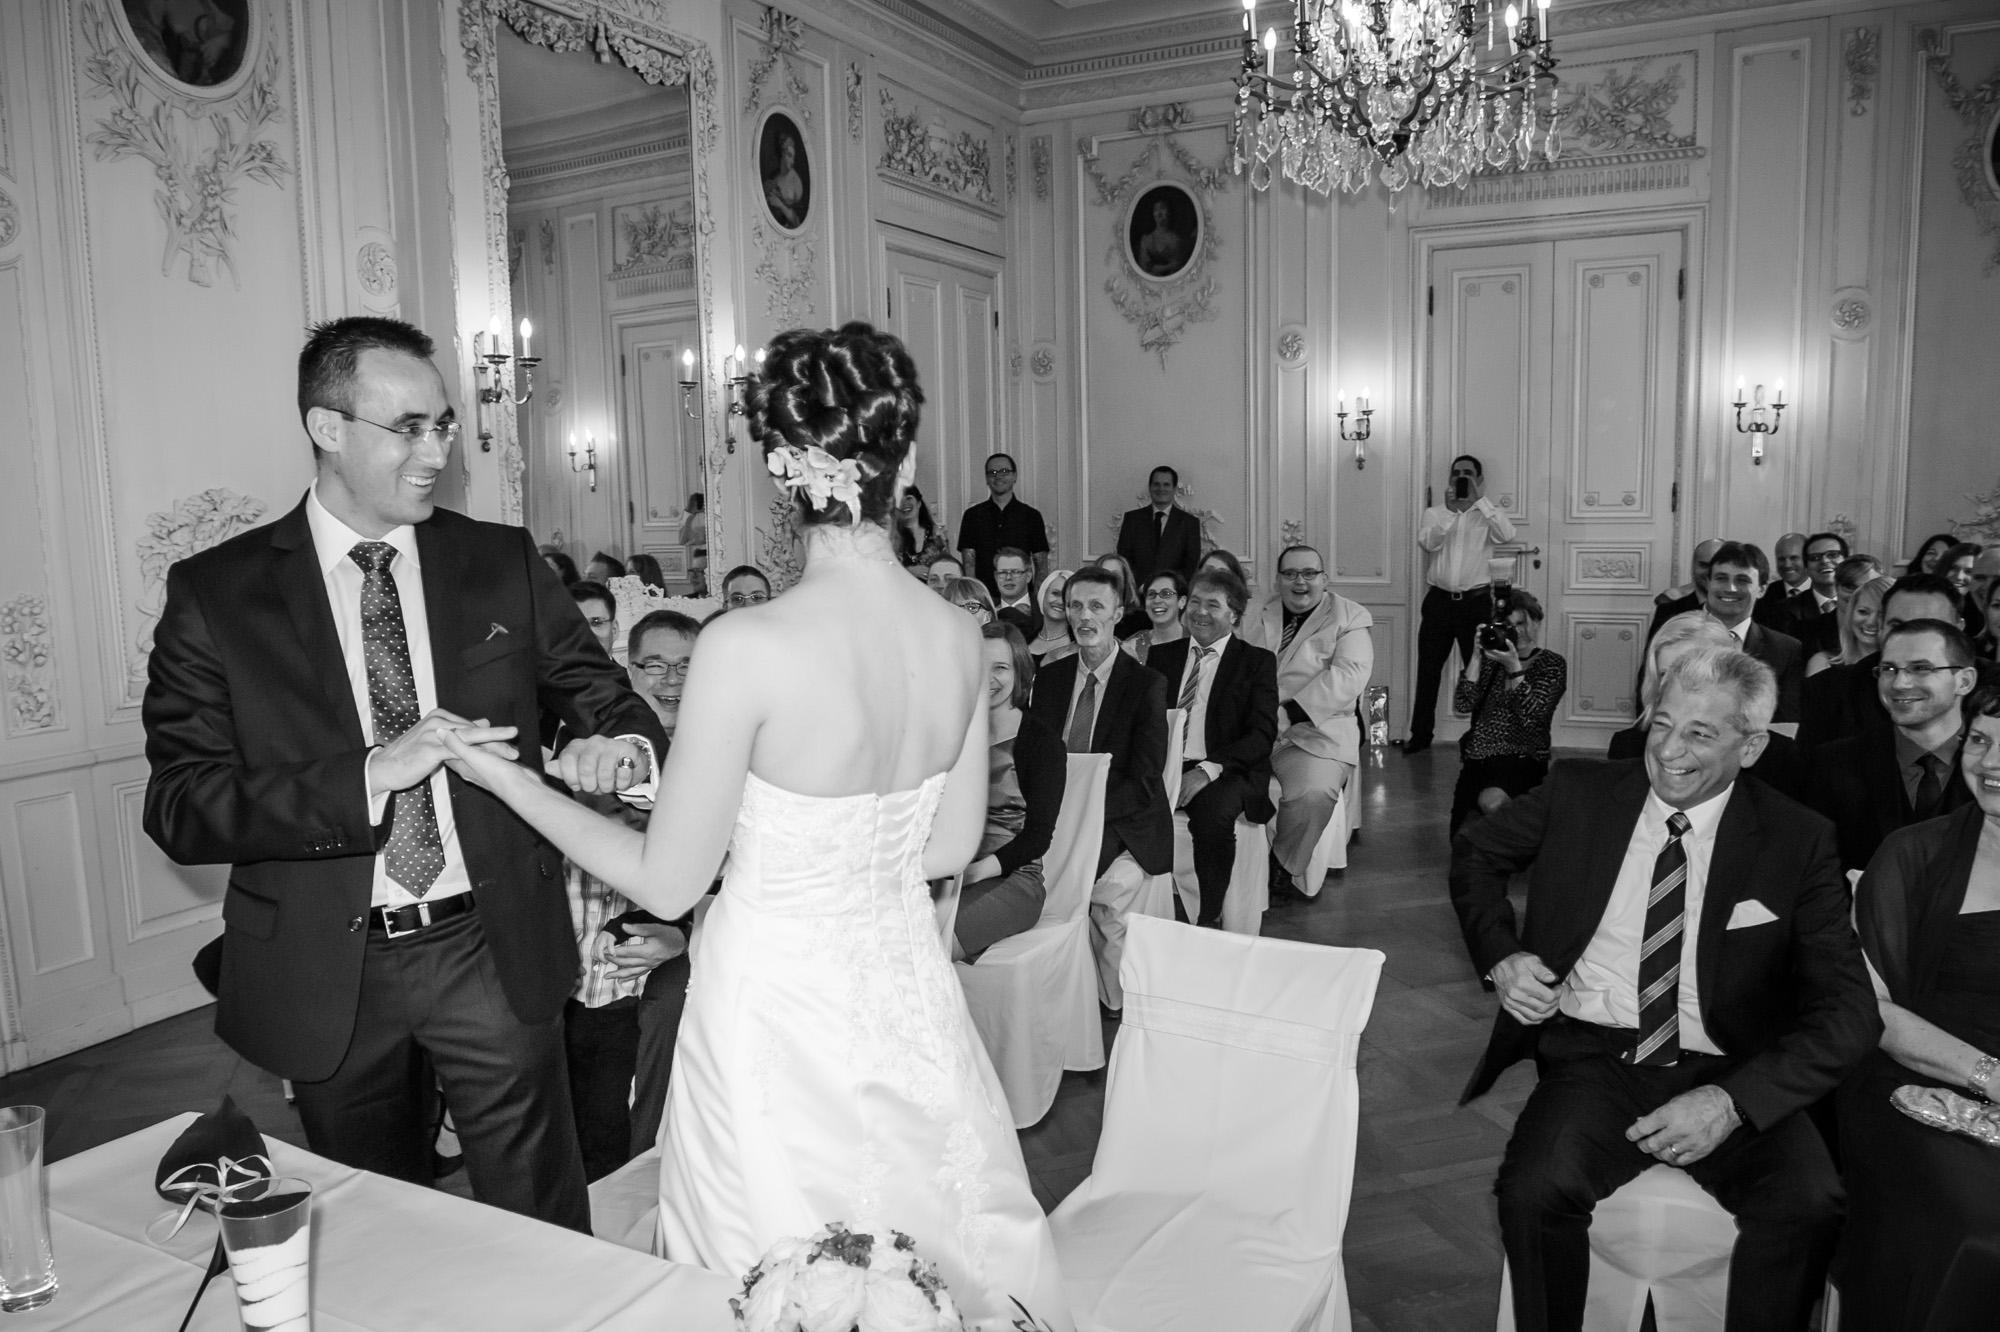 Hochzeit Feier  B2000 2000014 - Strickroth & Fiege Fotografie